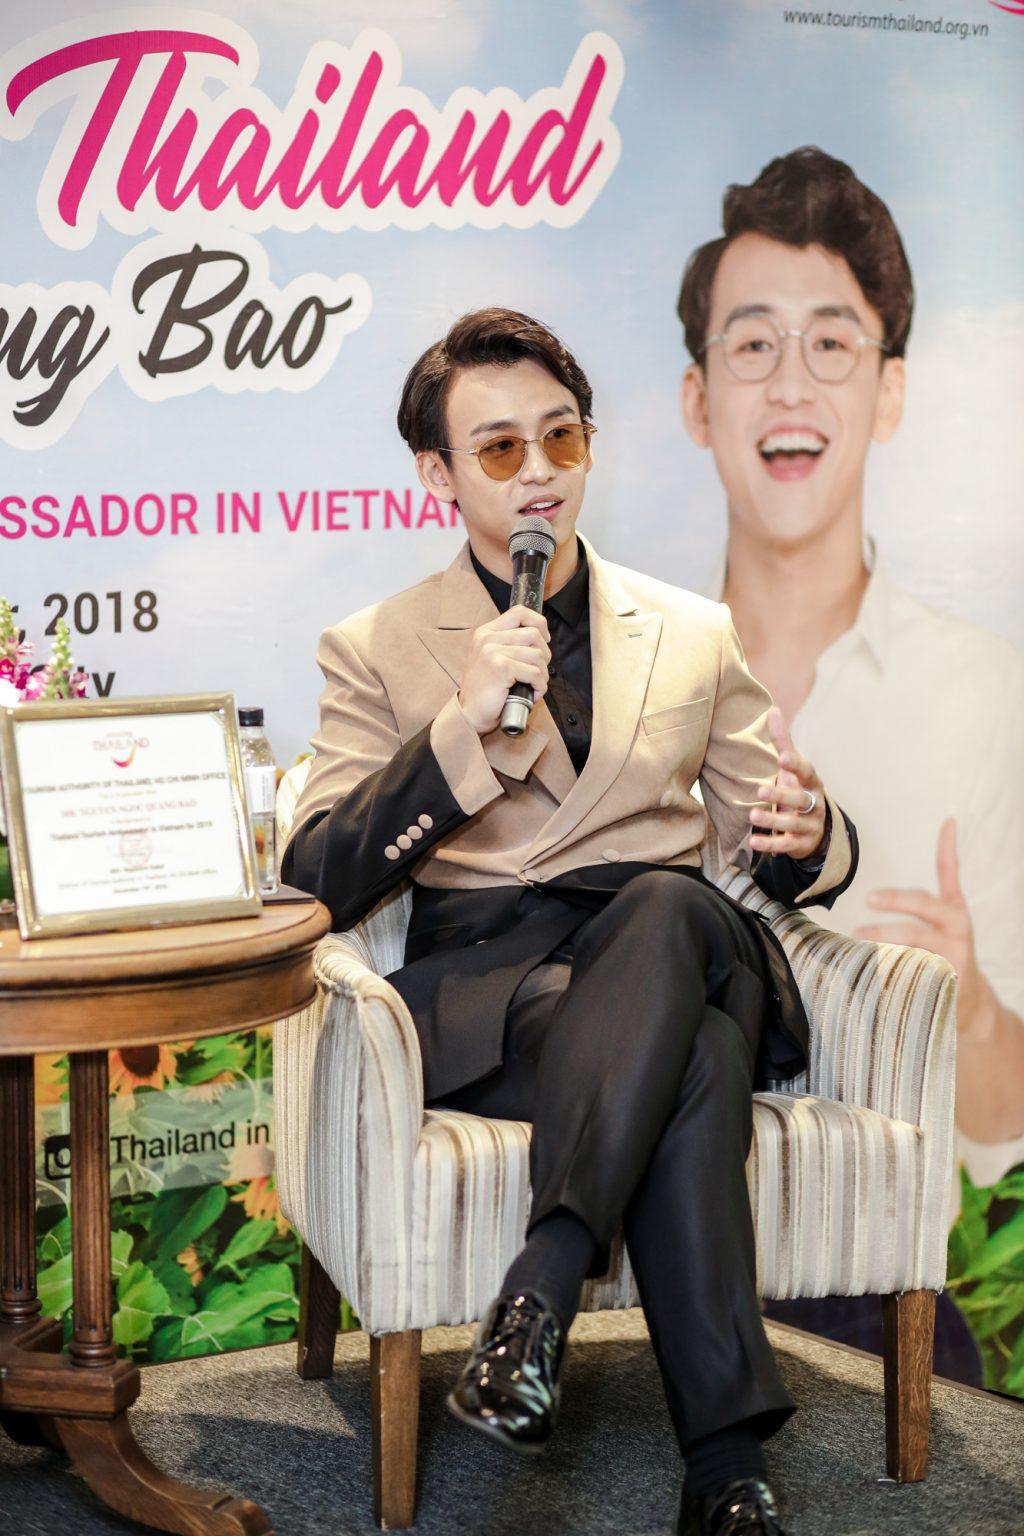 MC Quang Bảo trở thành đại sứ du lịch Thái Lan 2019 7